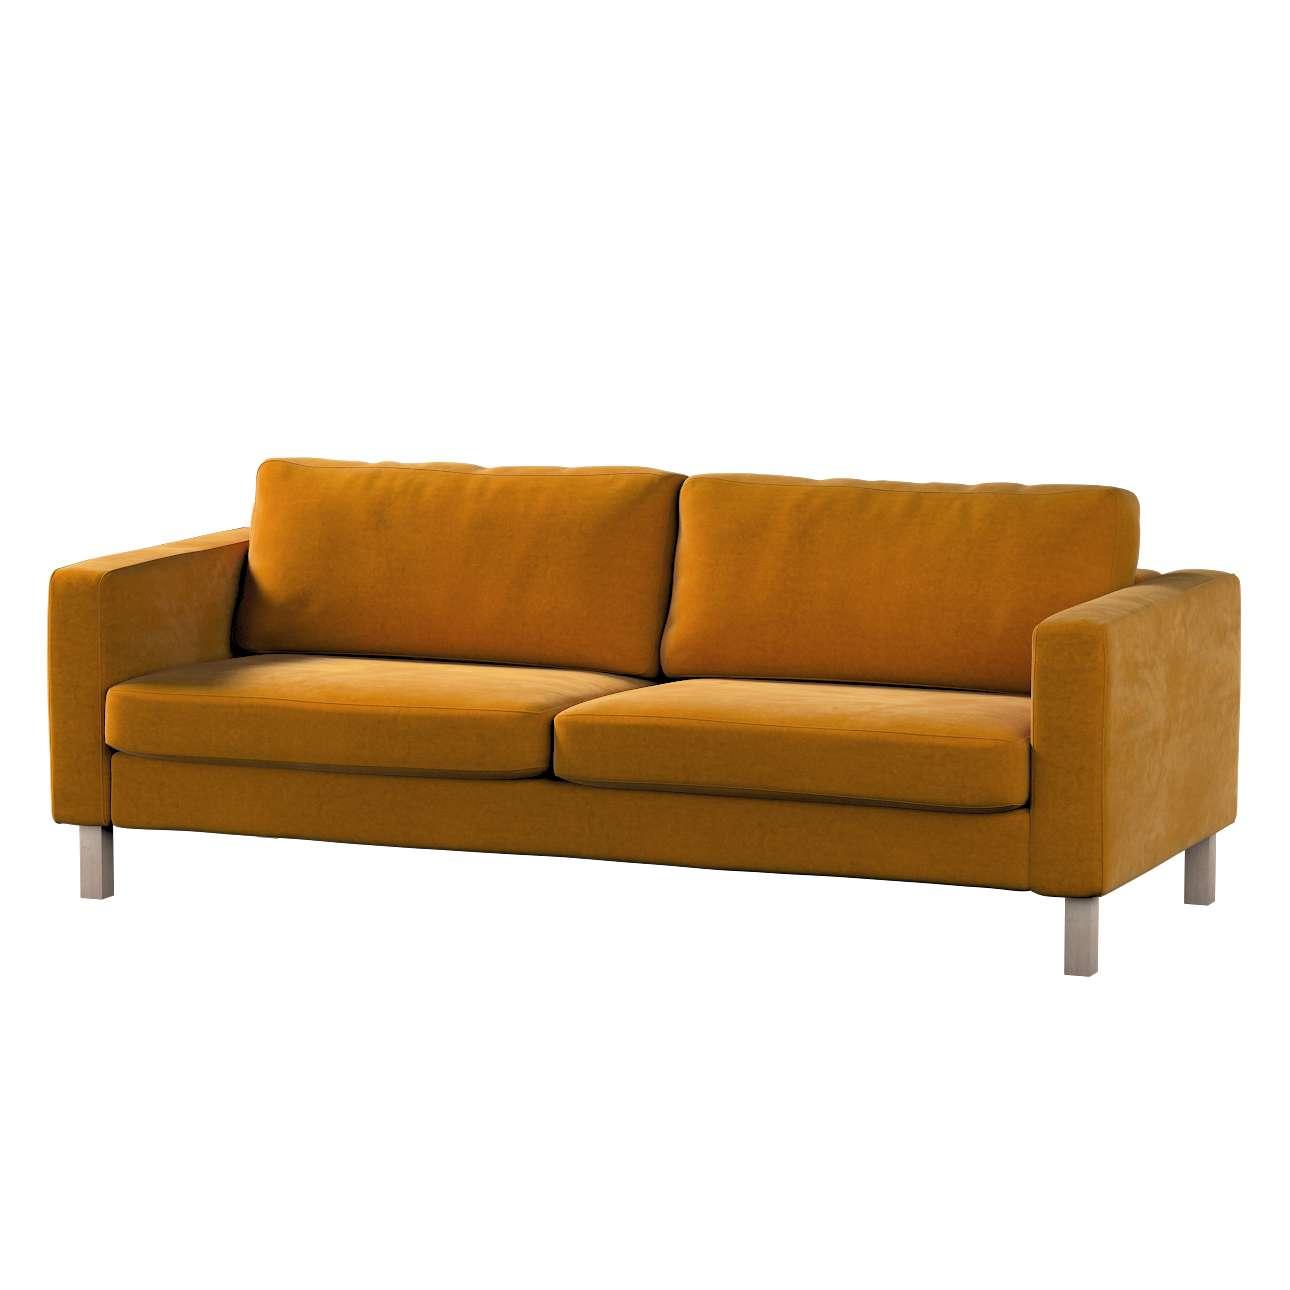 Potah na pohovku IKEA Karlstad, 3-místná, rozkládací v kolekci Velvet, látka: 704-23